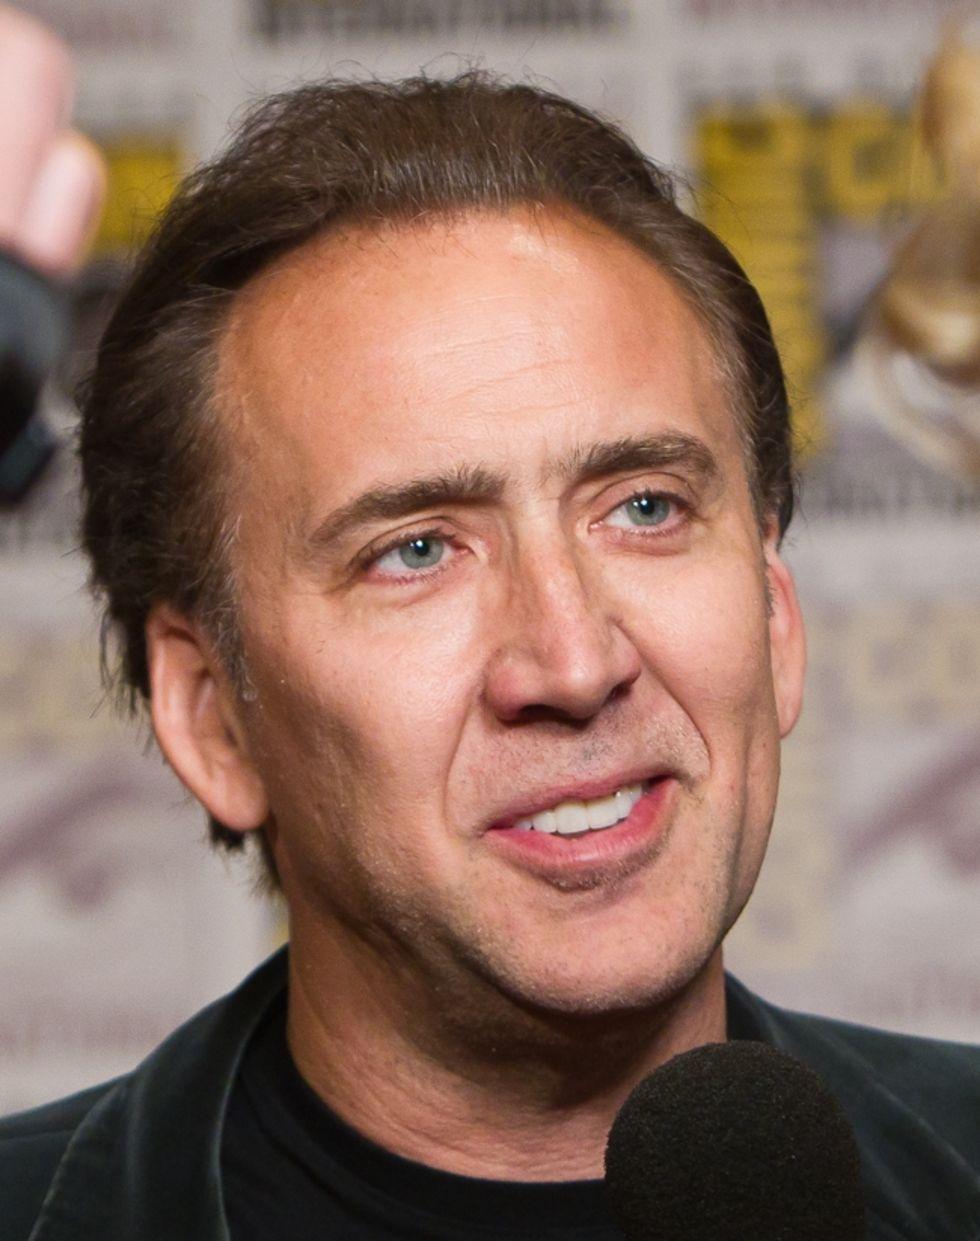 Nicolas Cage medverkar i Edward Snowden-film